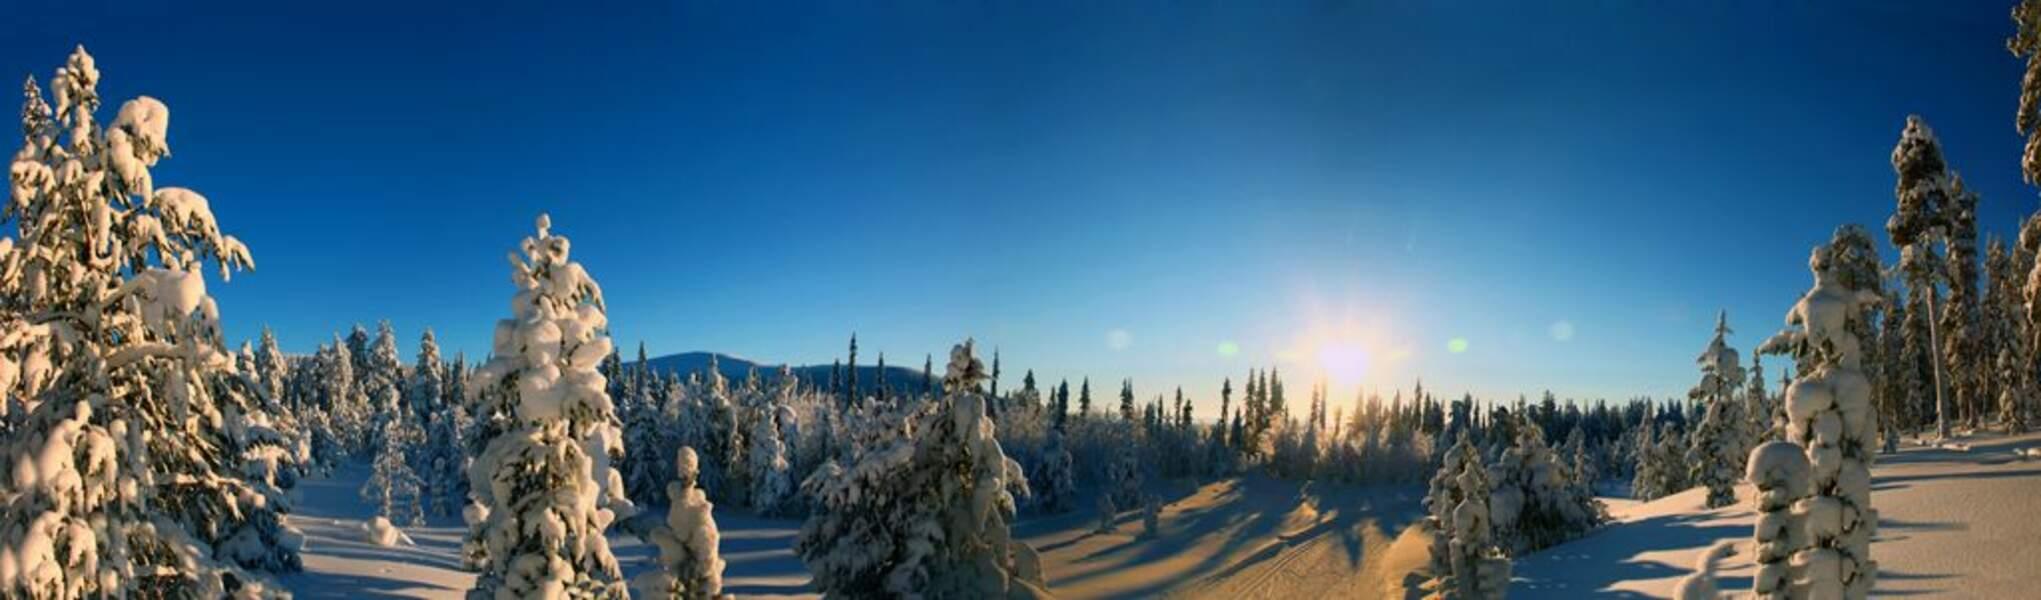 Photo prise en Finlande par chiquito